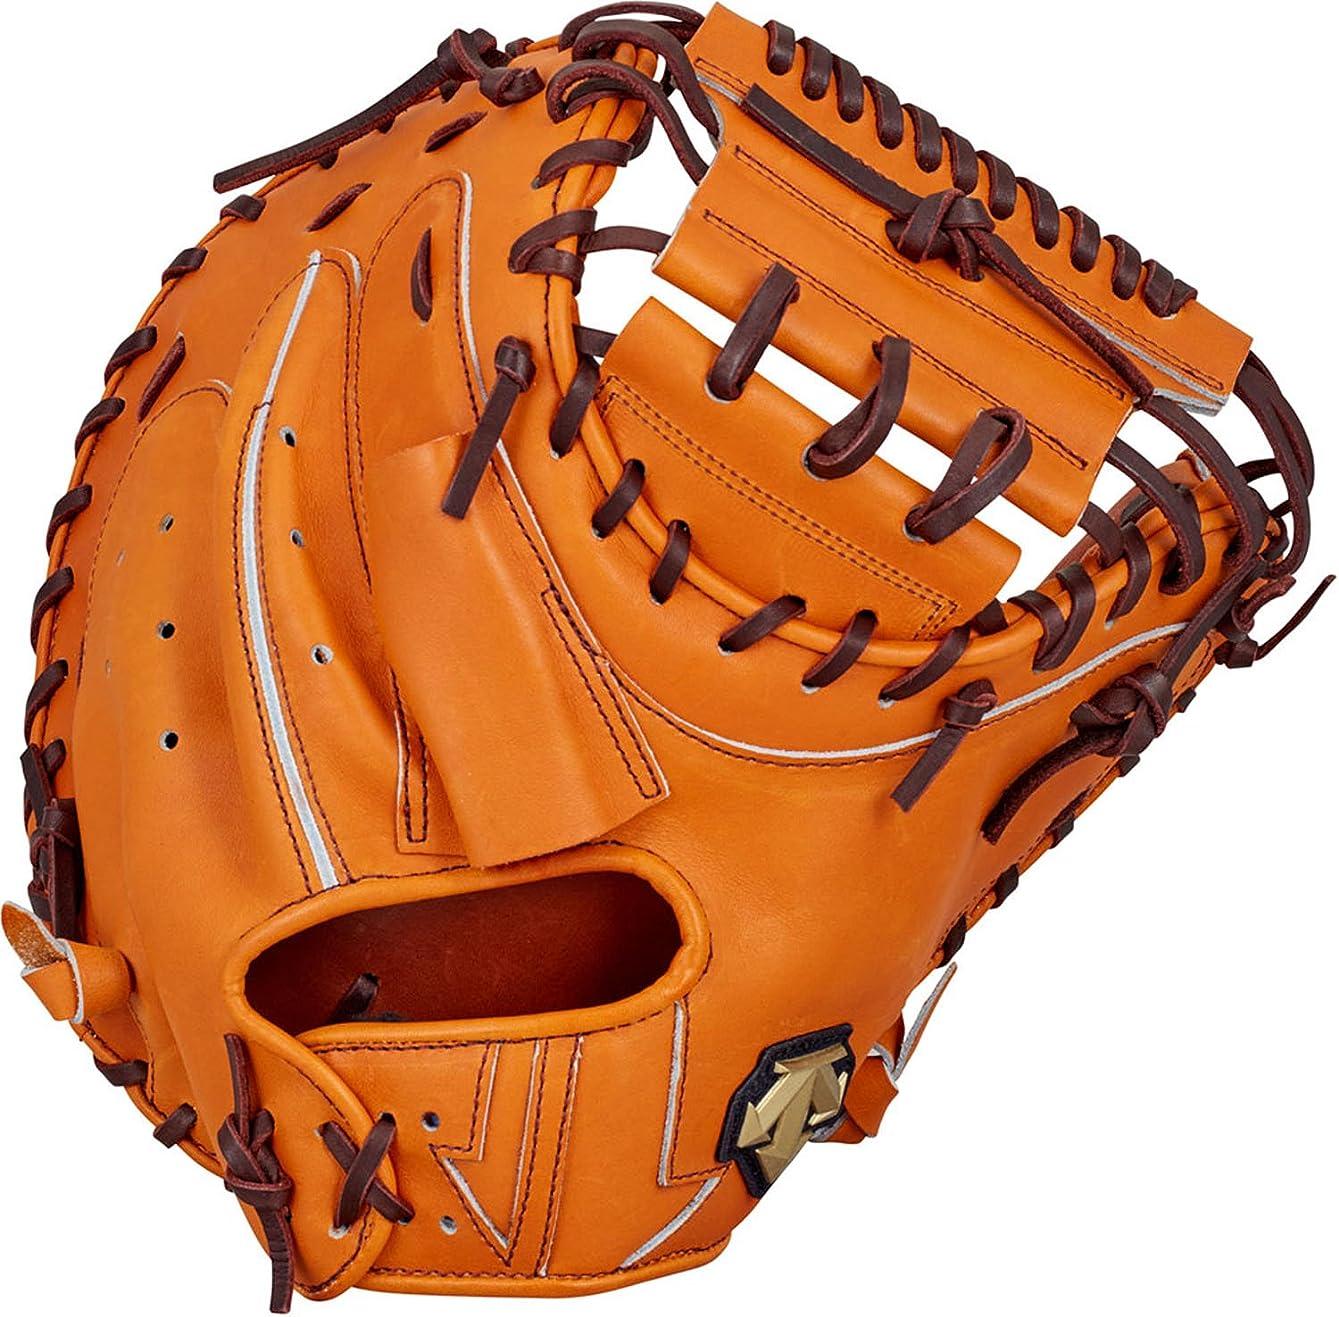 まもなく操作可能ジュラシックパークDESCENTE(デサント) 野球 硬式 グローブ キャッチャーミット プロメイド 右投用 オレンジ Lサイズ DBBLJG42